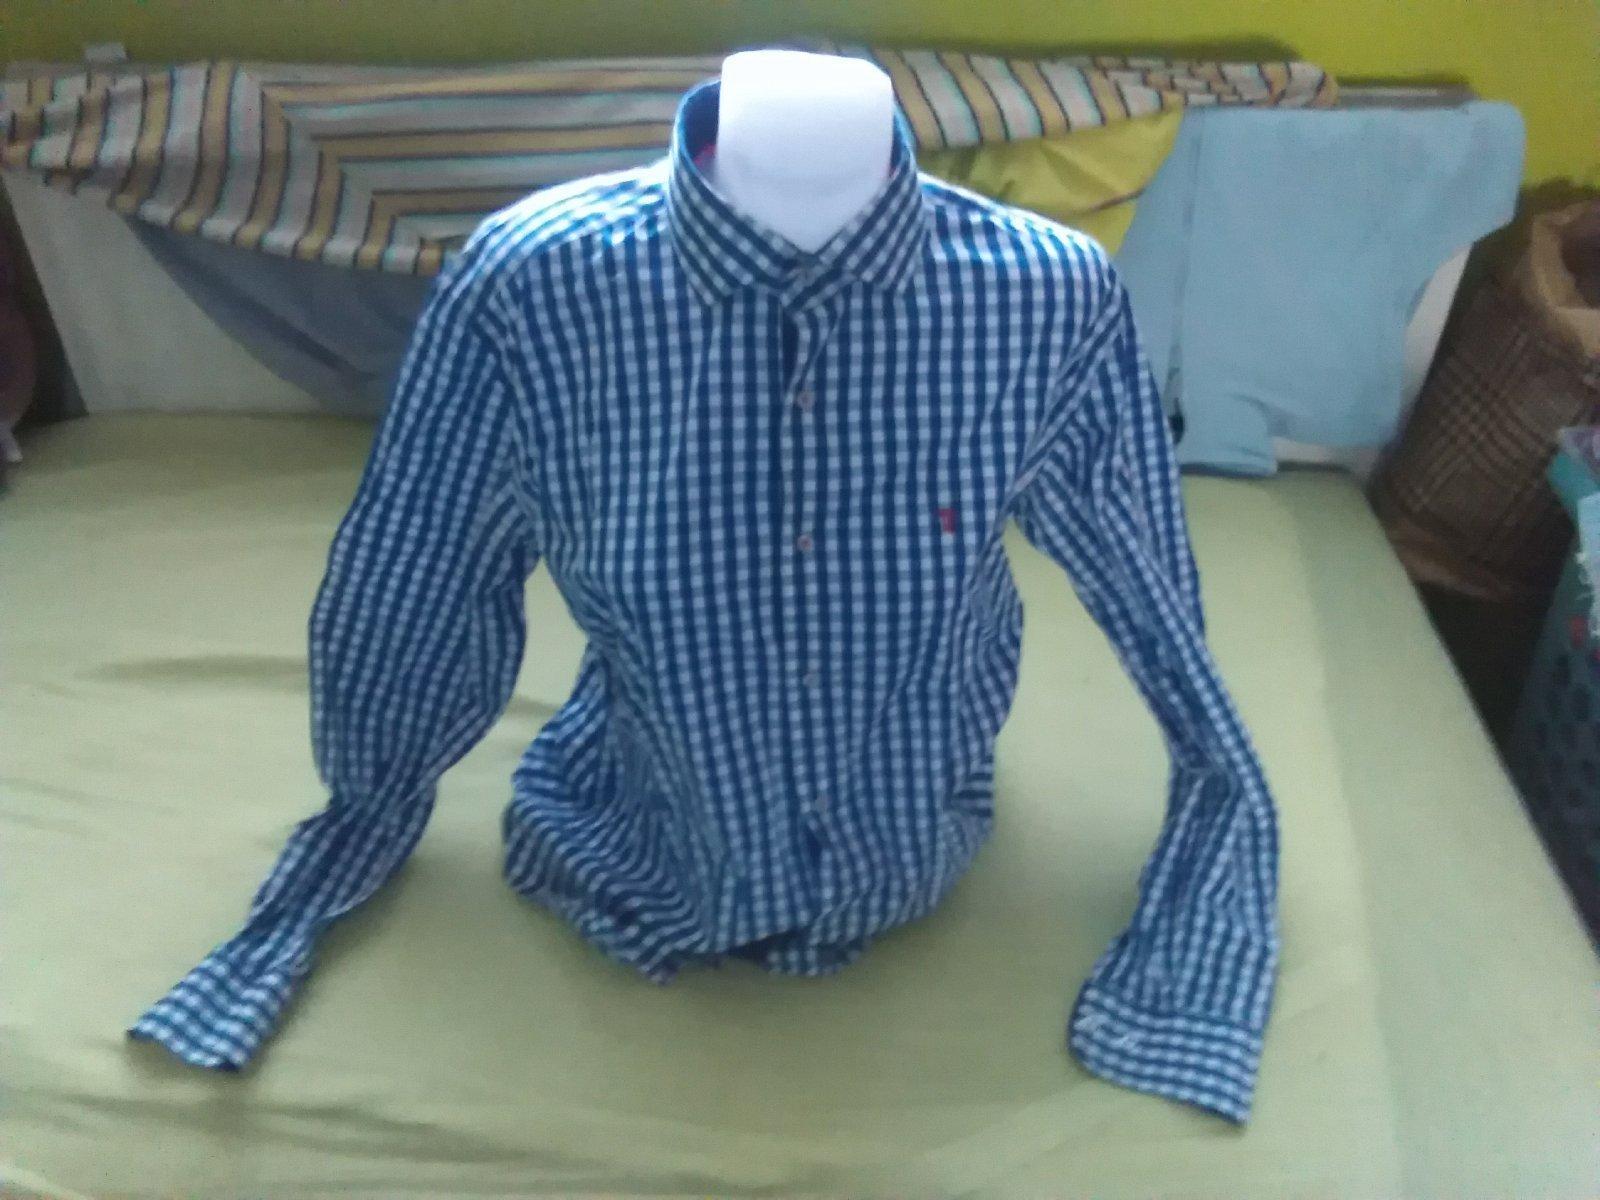 ce5744cfa264 Výpredaj na rifle 5 ks za 2€ Zľava 50% na oblečenie a knihy 30% ďakujem. Pánska  košeľa ...